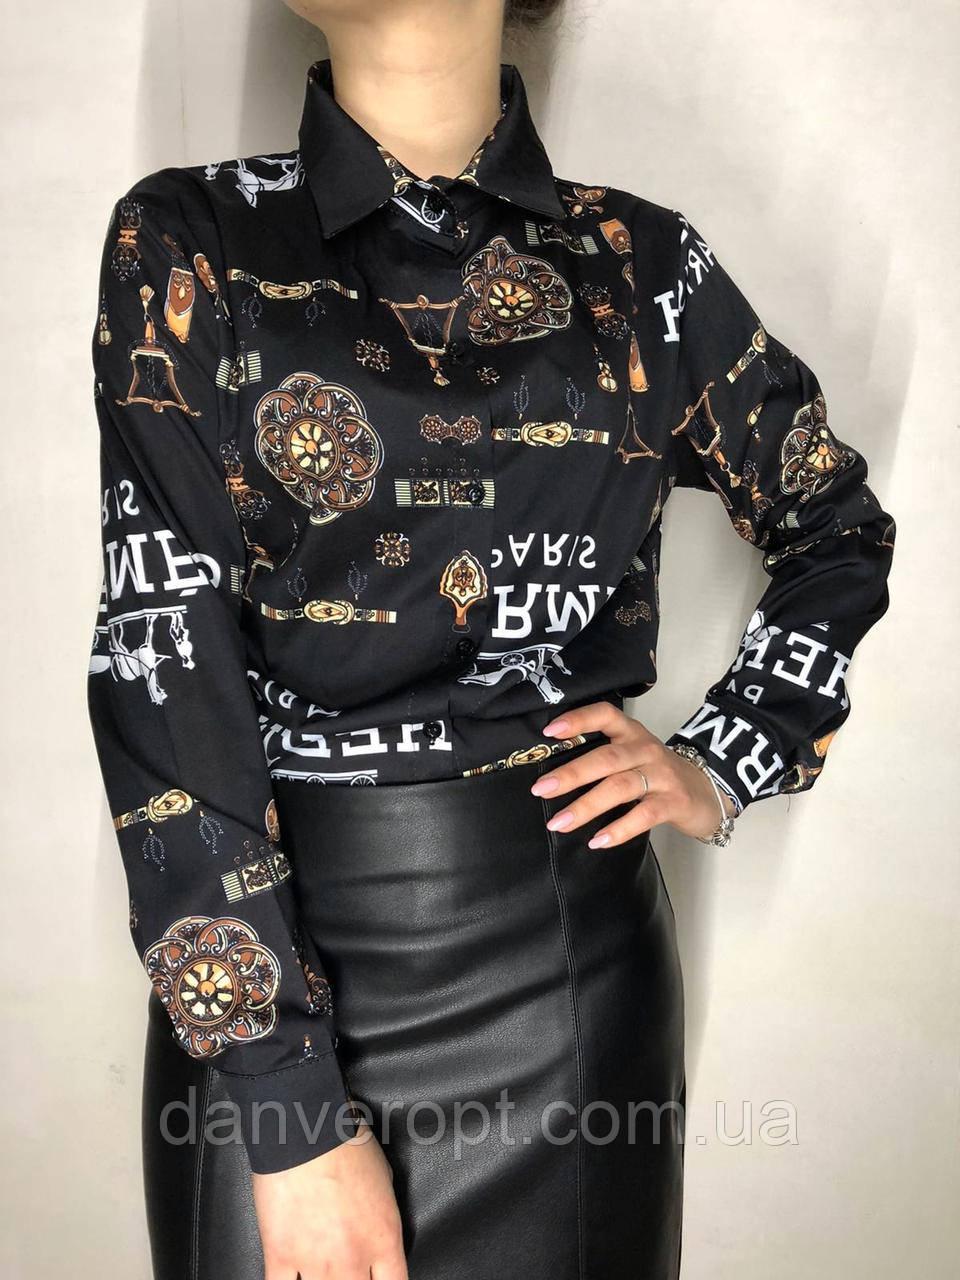 Сорочка жіноча модна розмір універсальний 42-46 купити оптом зі складу 7км Одеса